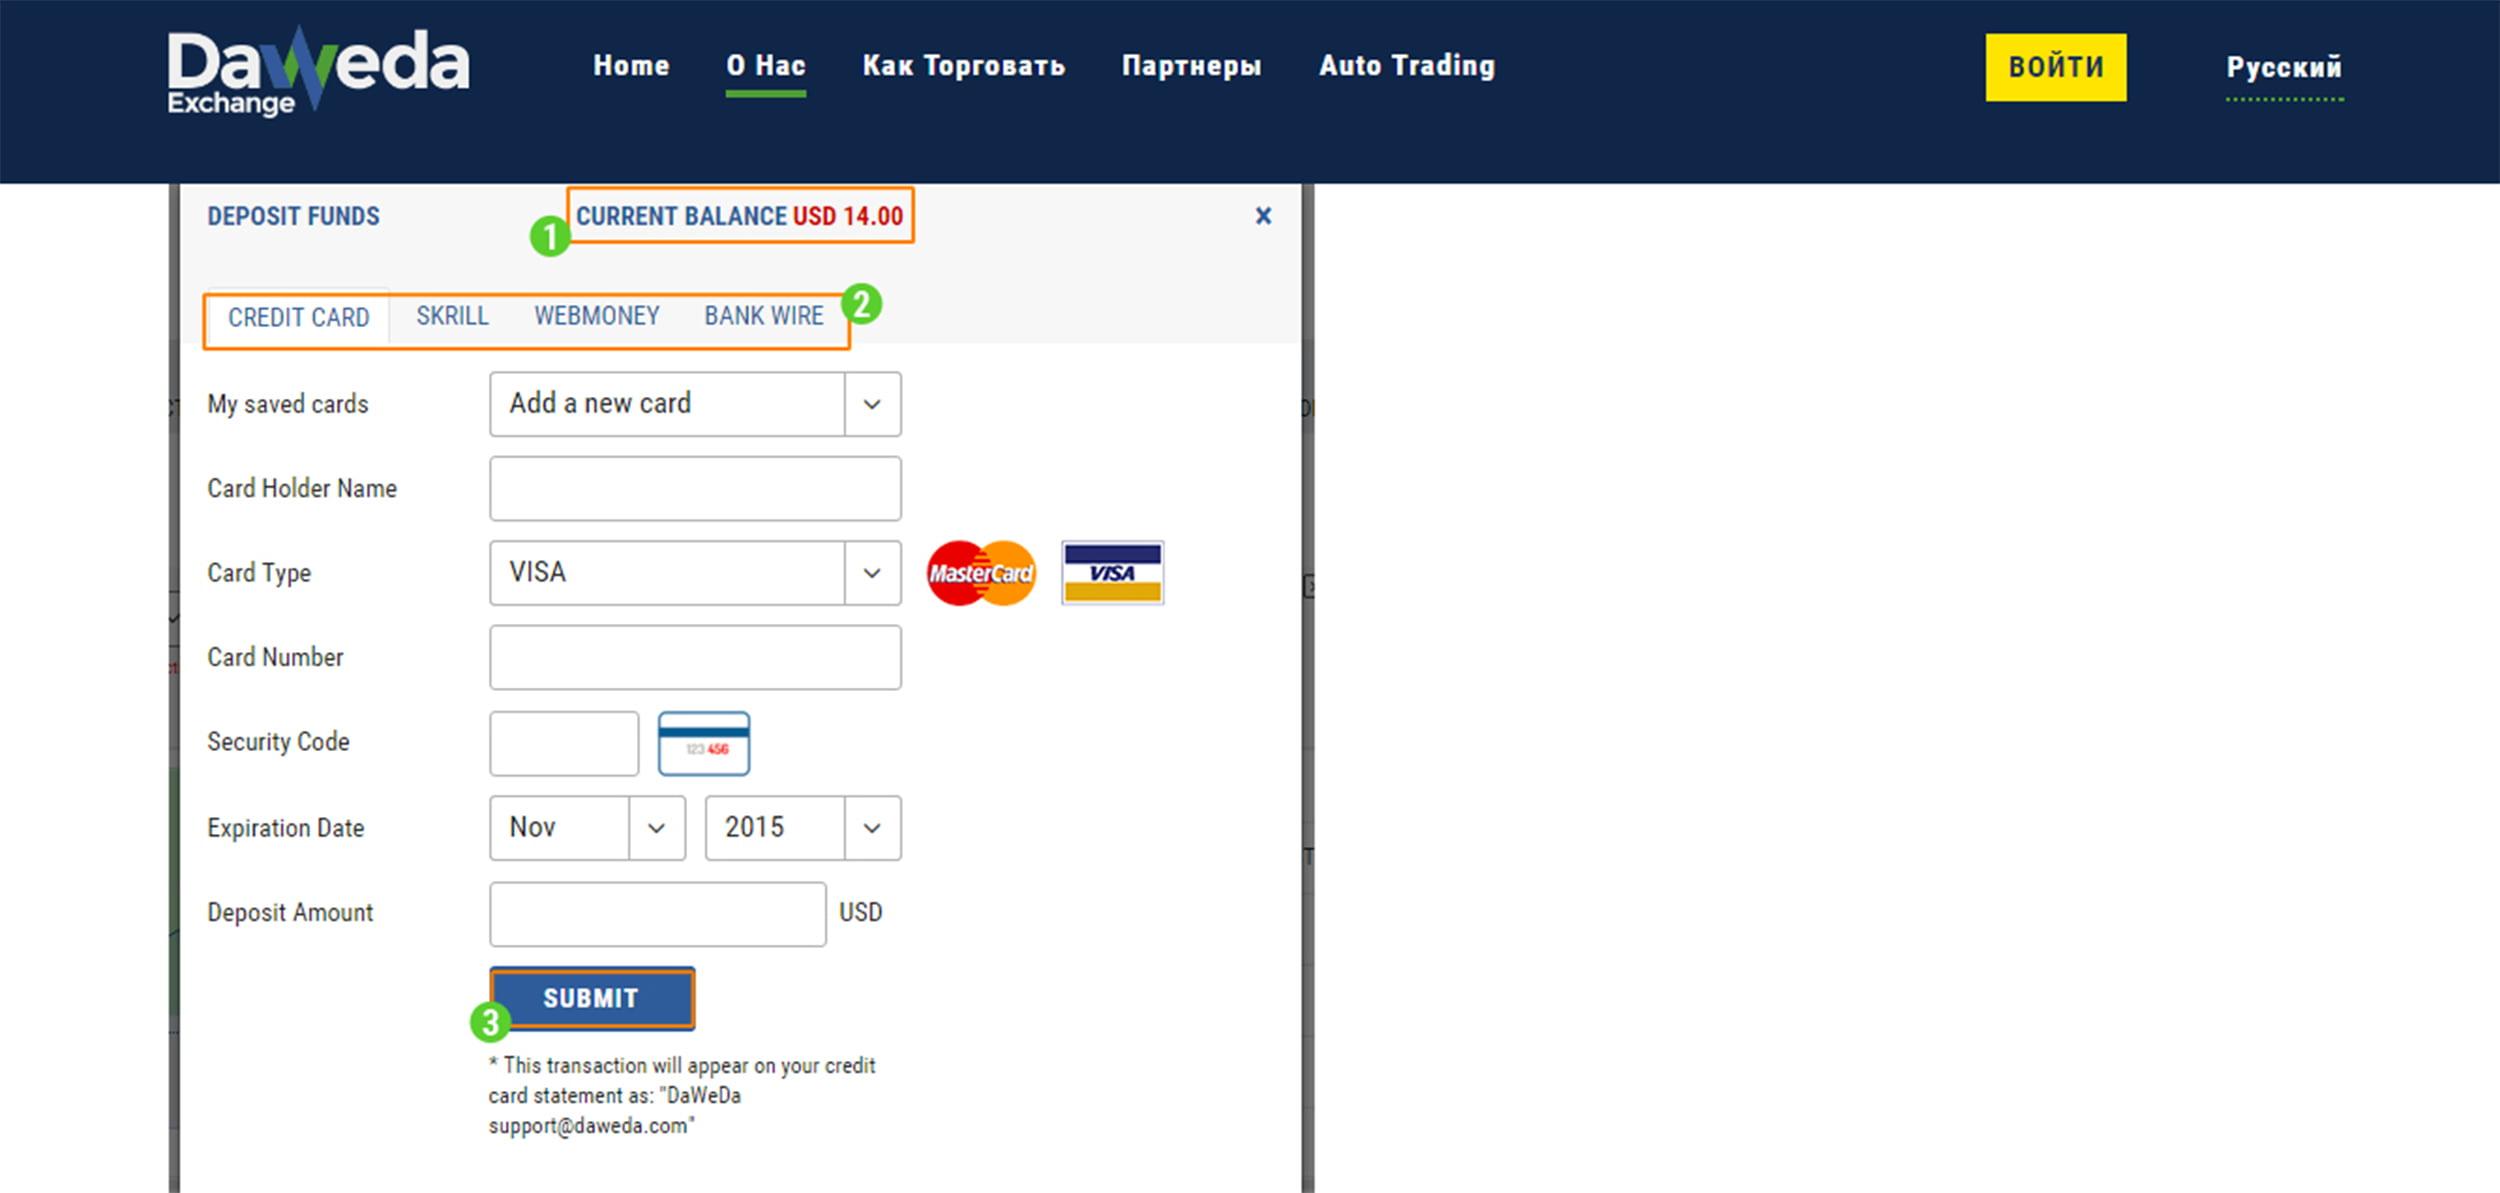 инструкция пополнения депозита и вывода денег на сайте Daweda exchange